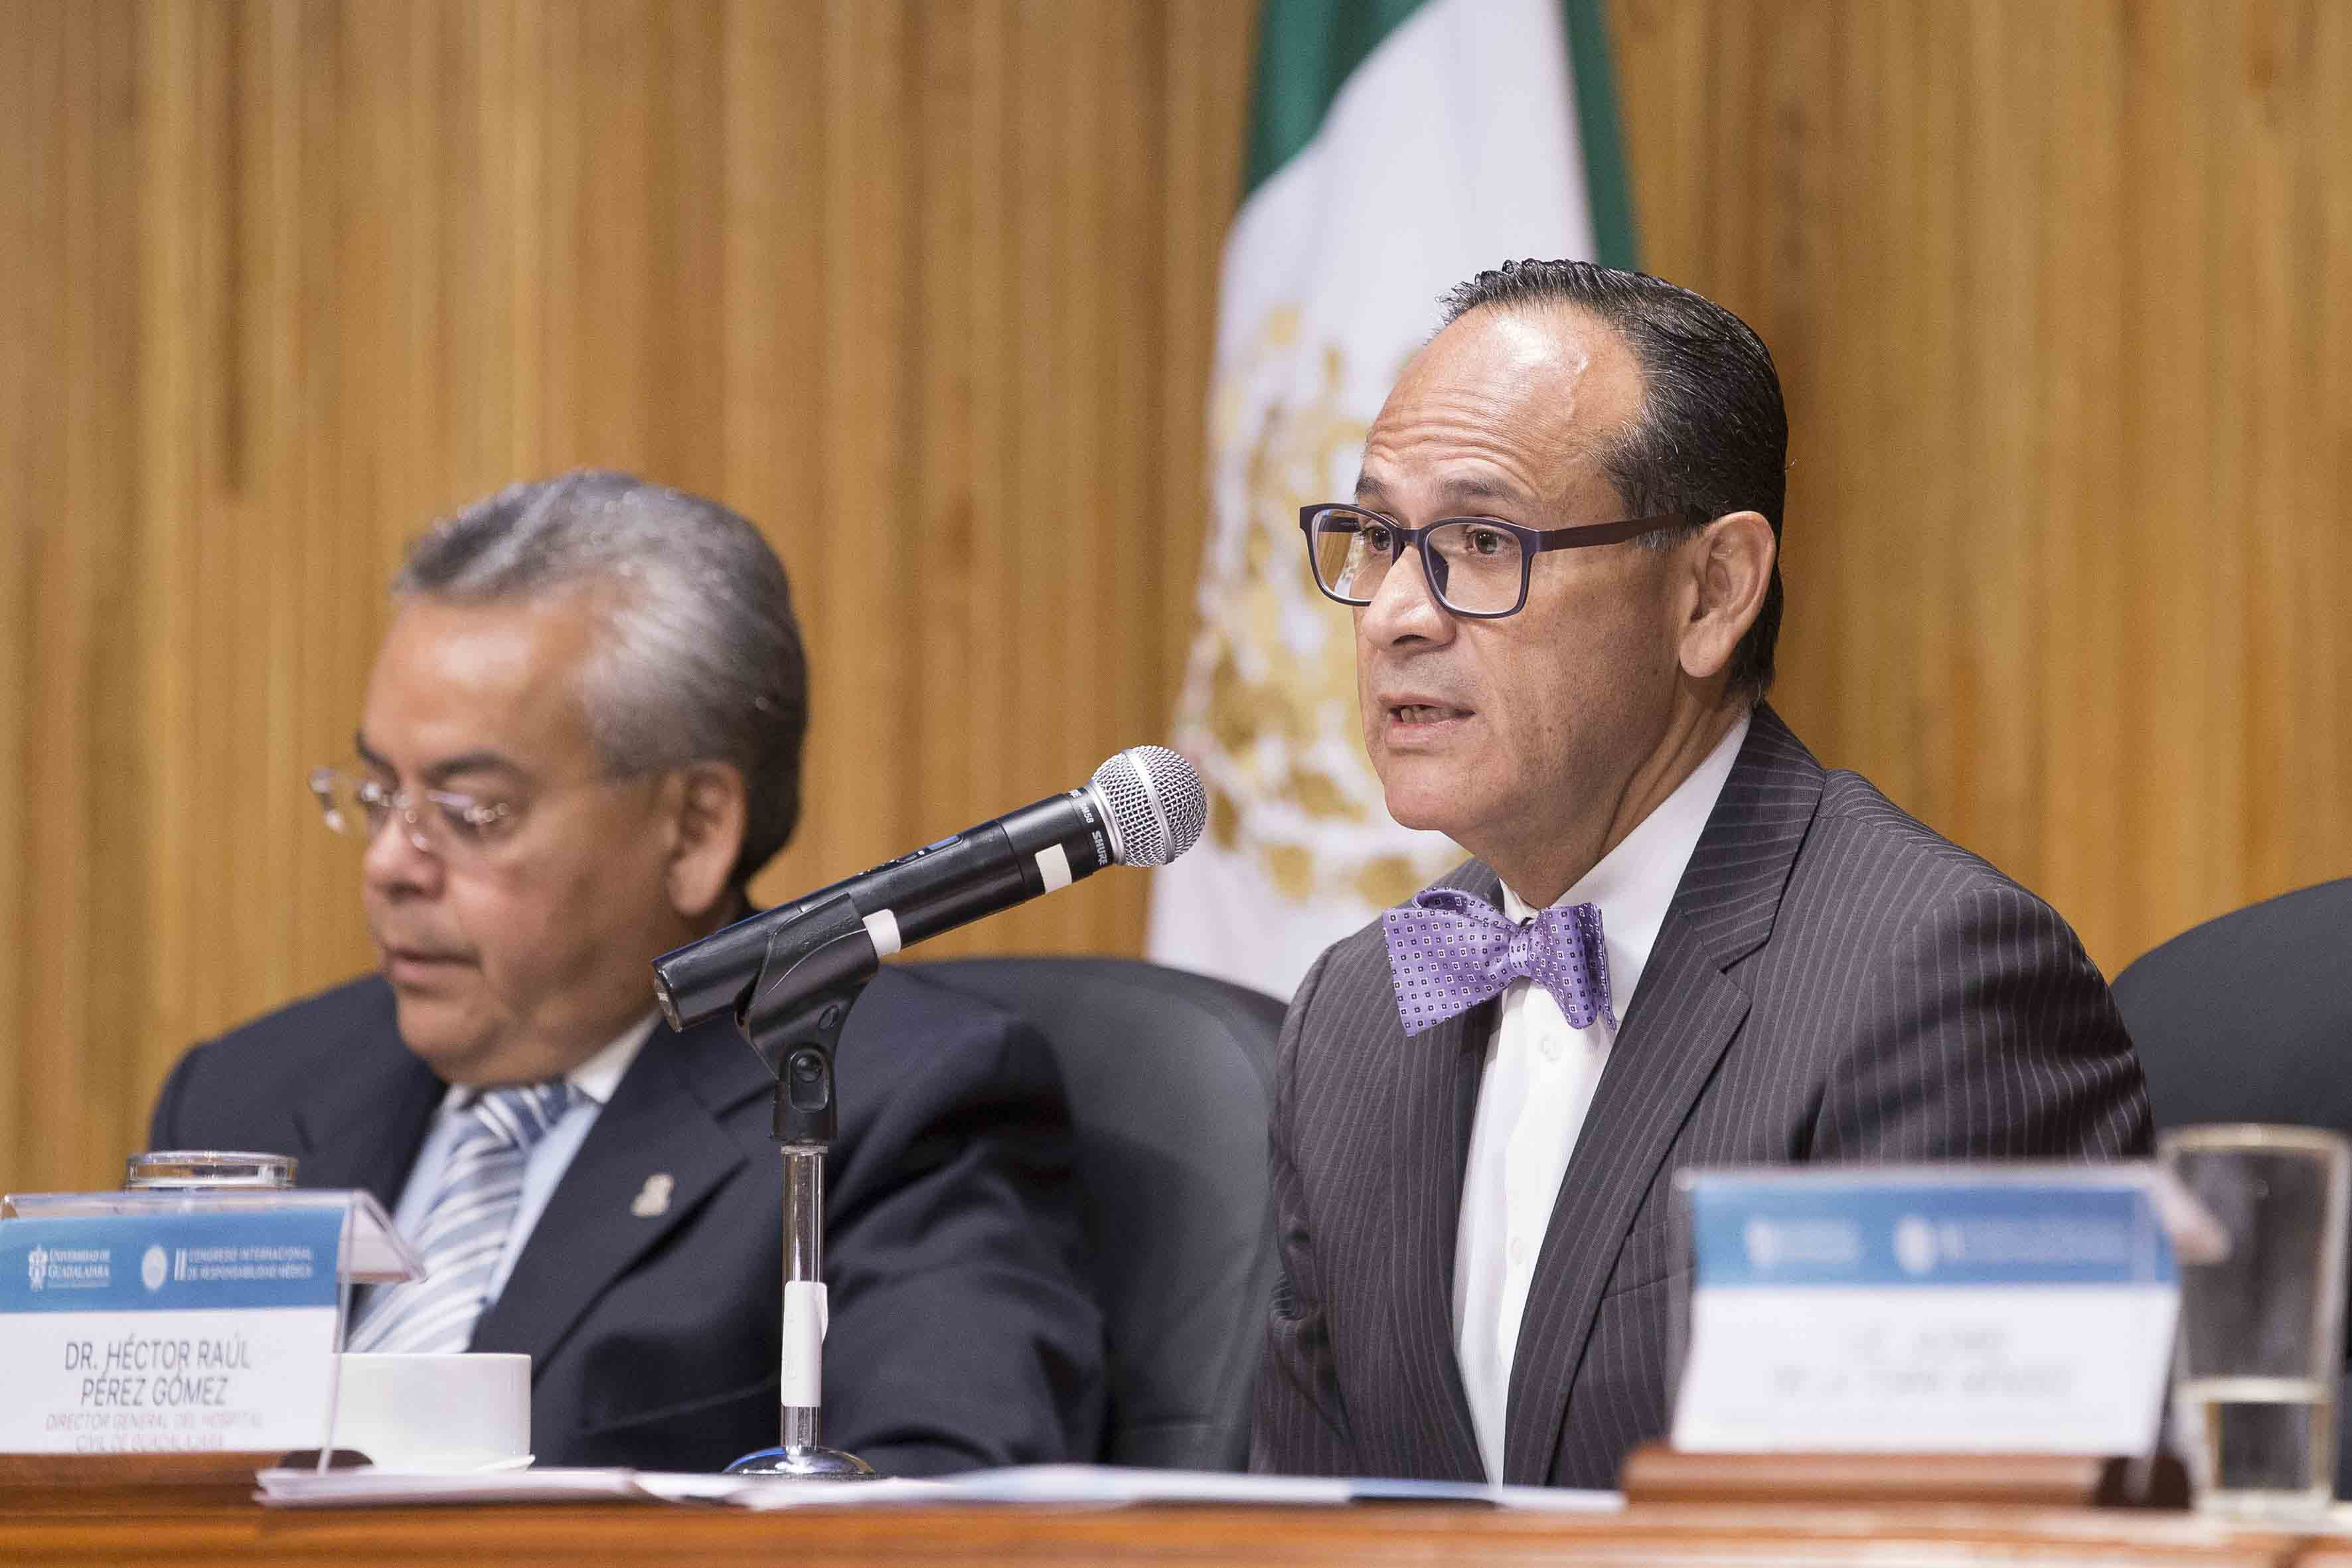 Director del Hospital Civil de Guadalajara (HCG), doctor Héctor Raúl Pérez Gómez, haciendo uso de la palabra